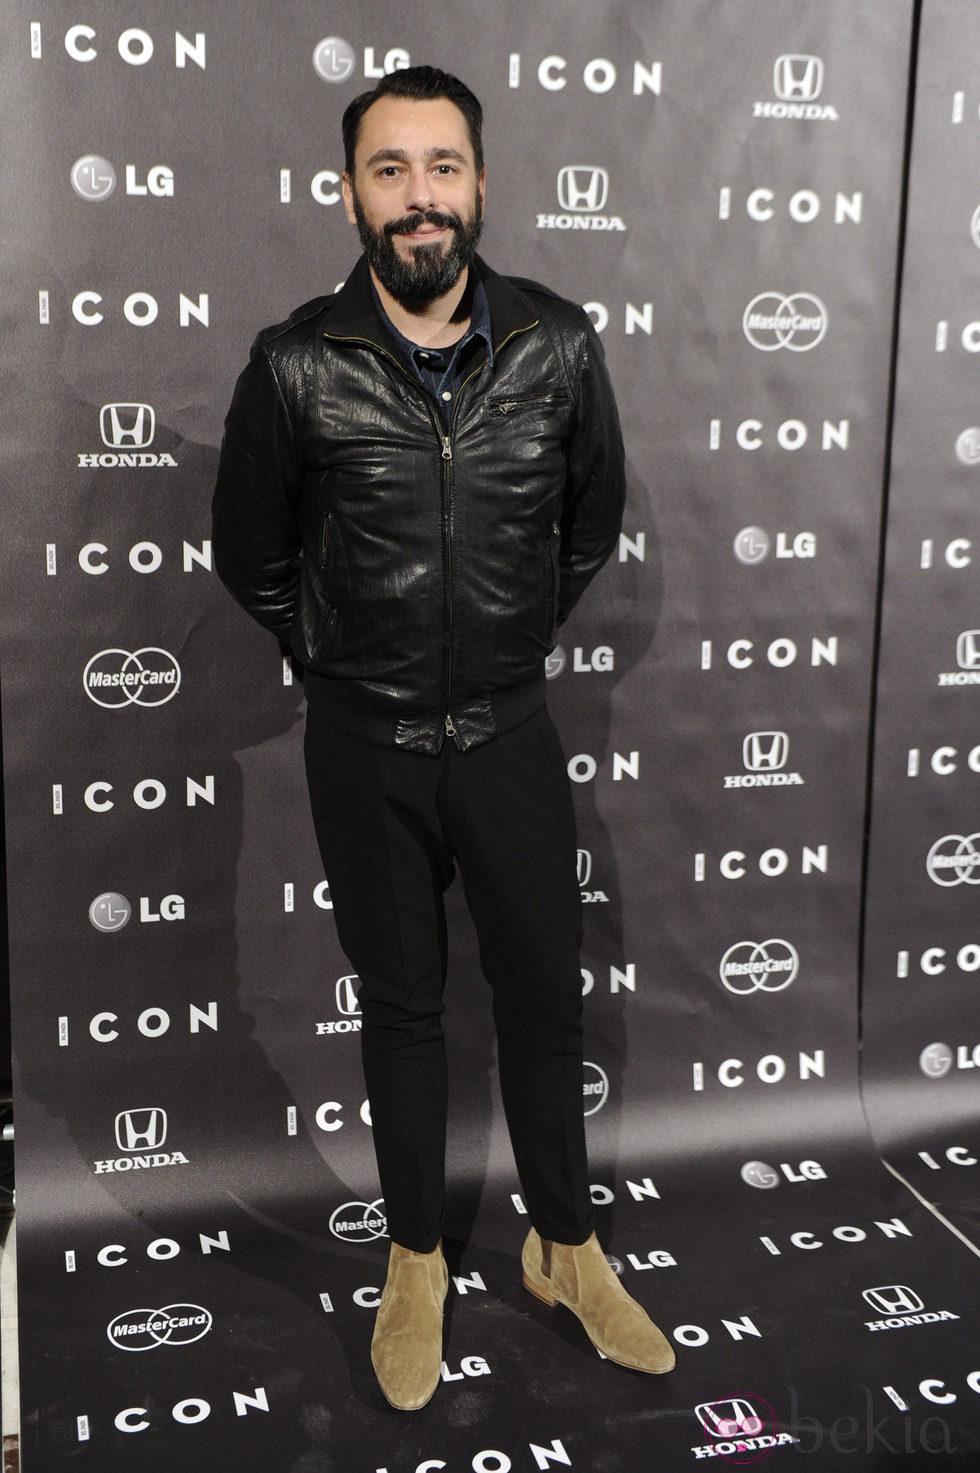 Juanjo Oliva en la presentación de la revista Icon